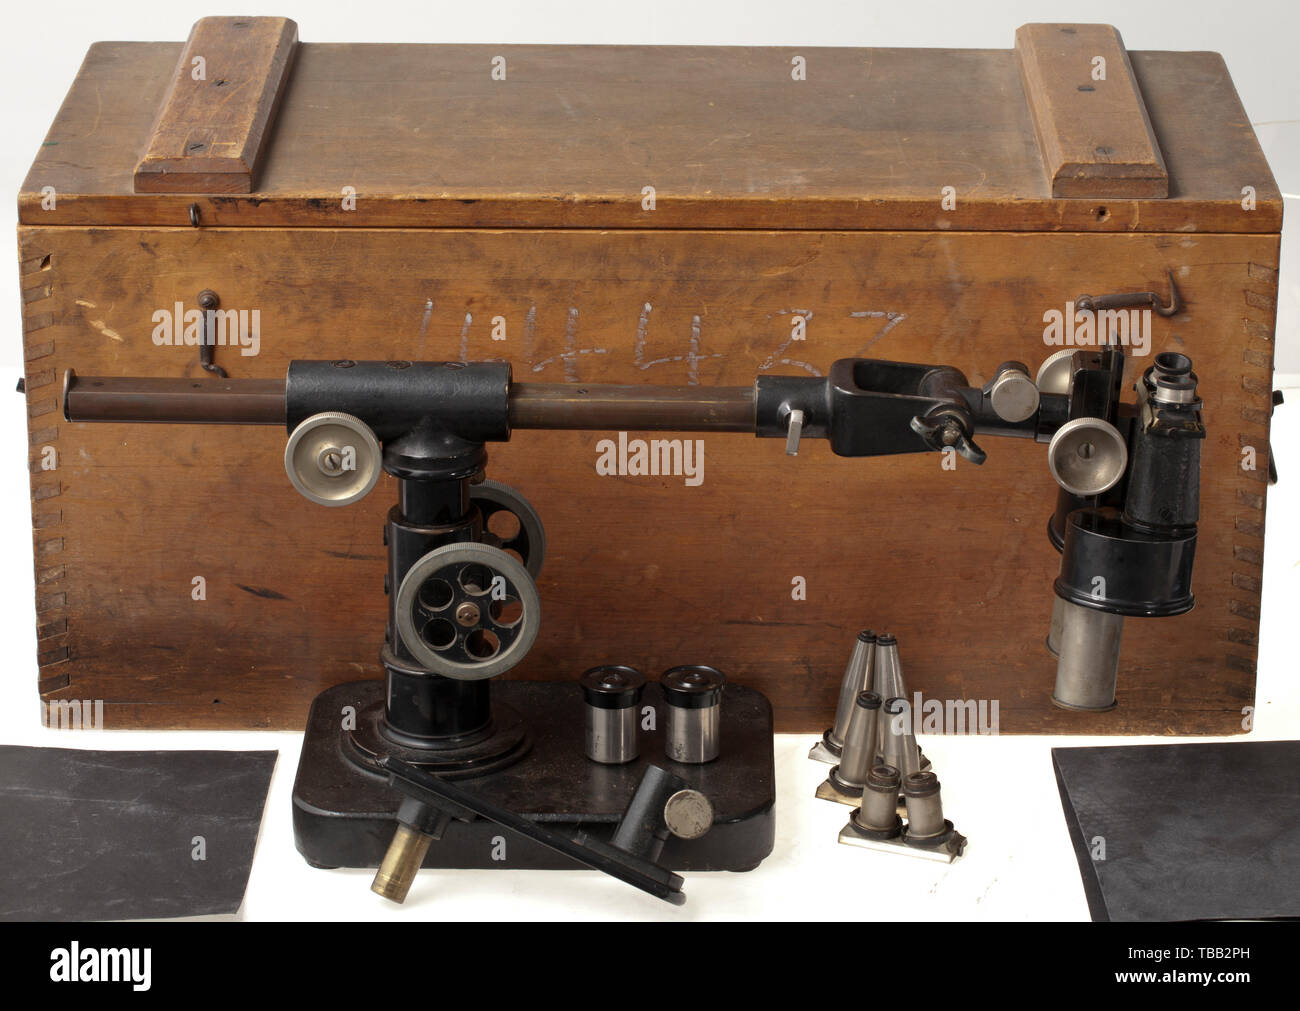 Un microscope spécial et la visionneuse de photos par Zeiss le spectateur avec l'acceptation de la marine impériale, 'Nr. 44433' et 'inscription du fabricant Carl Zeiss, Jena'. Monté sur un panneau en acier, réglable en hauteur et d'Acuity. Dans la boîte de transport de bois correspondant avec des accessoires comme les lentilles de remplacement, l'inventaire illisible stamp. Probablement utilisé pour l'analyse des prises de vue aériennes, historique historique., de la marine, des forces navales, militaires, militaria, branche de service, les directions générales de service, les forces armées, le service armé, objet, objets, alambics,-Clearance-Info Additional-Rights clippin,-Not-Available Banque D'Images